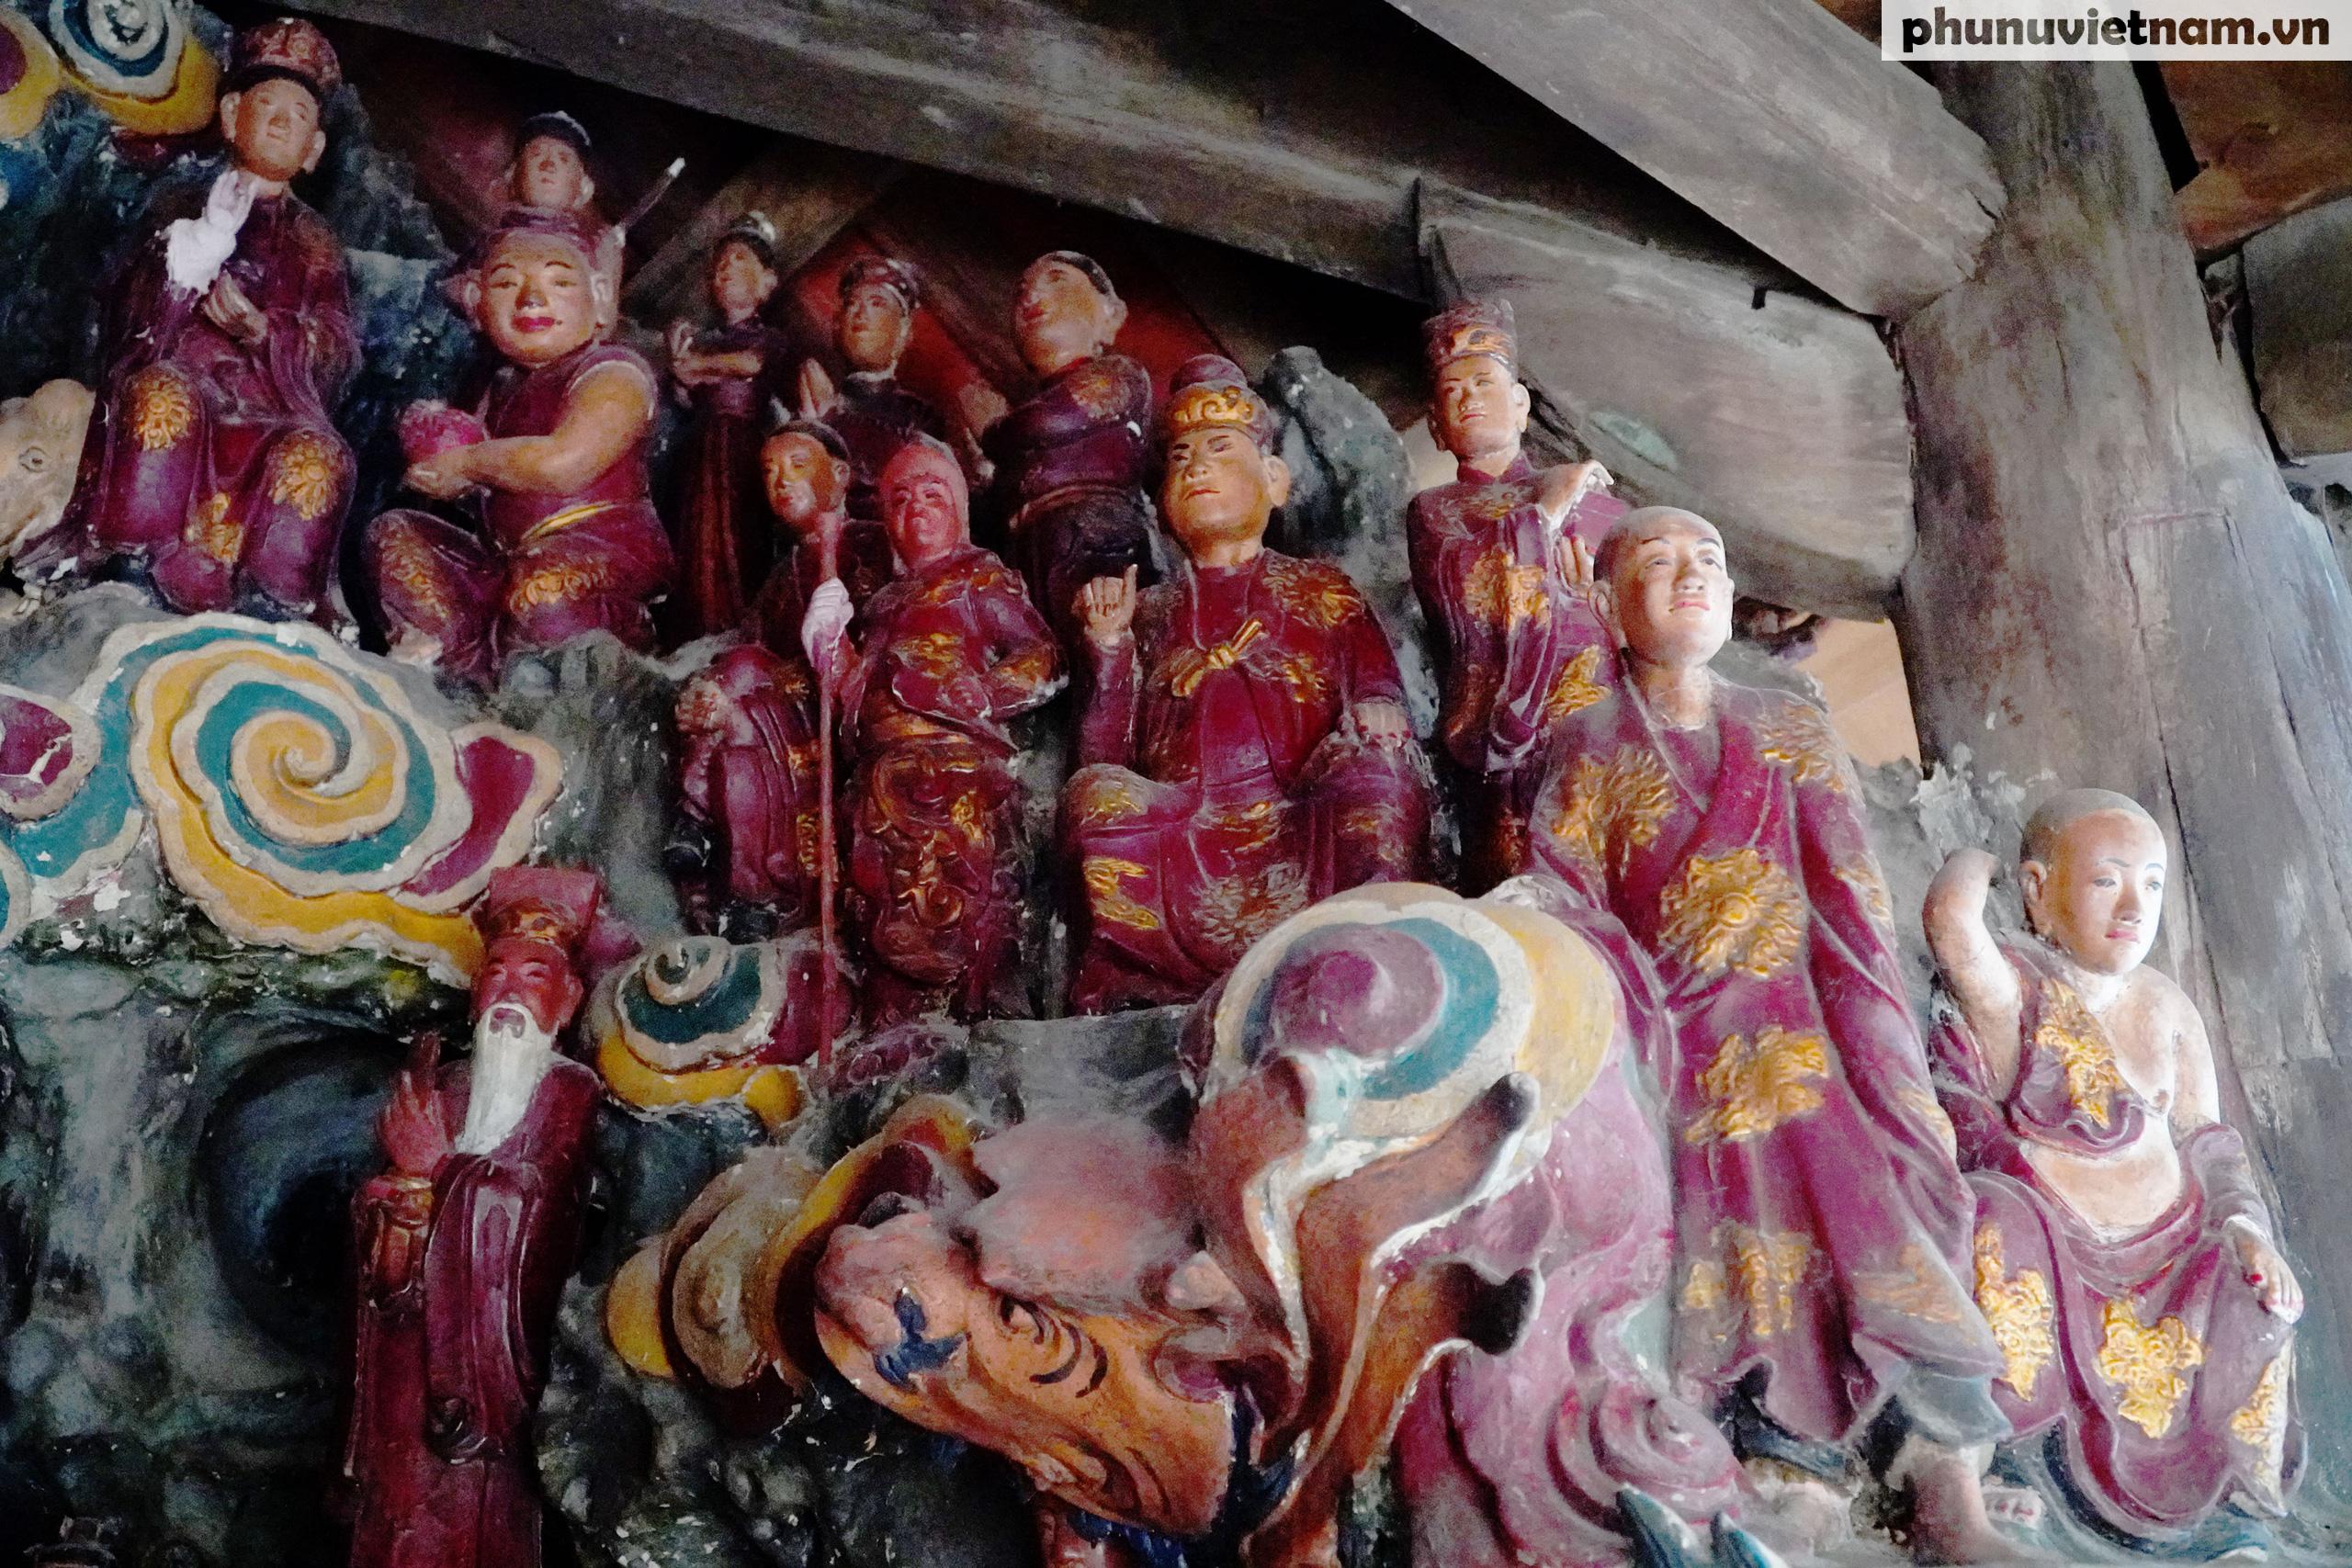 Ngỡ ngàng trước những kiệt tác bằng đất sét trên 200 tuổi về đạo Phật - Ảnh 3.